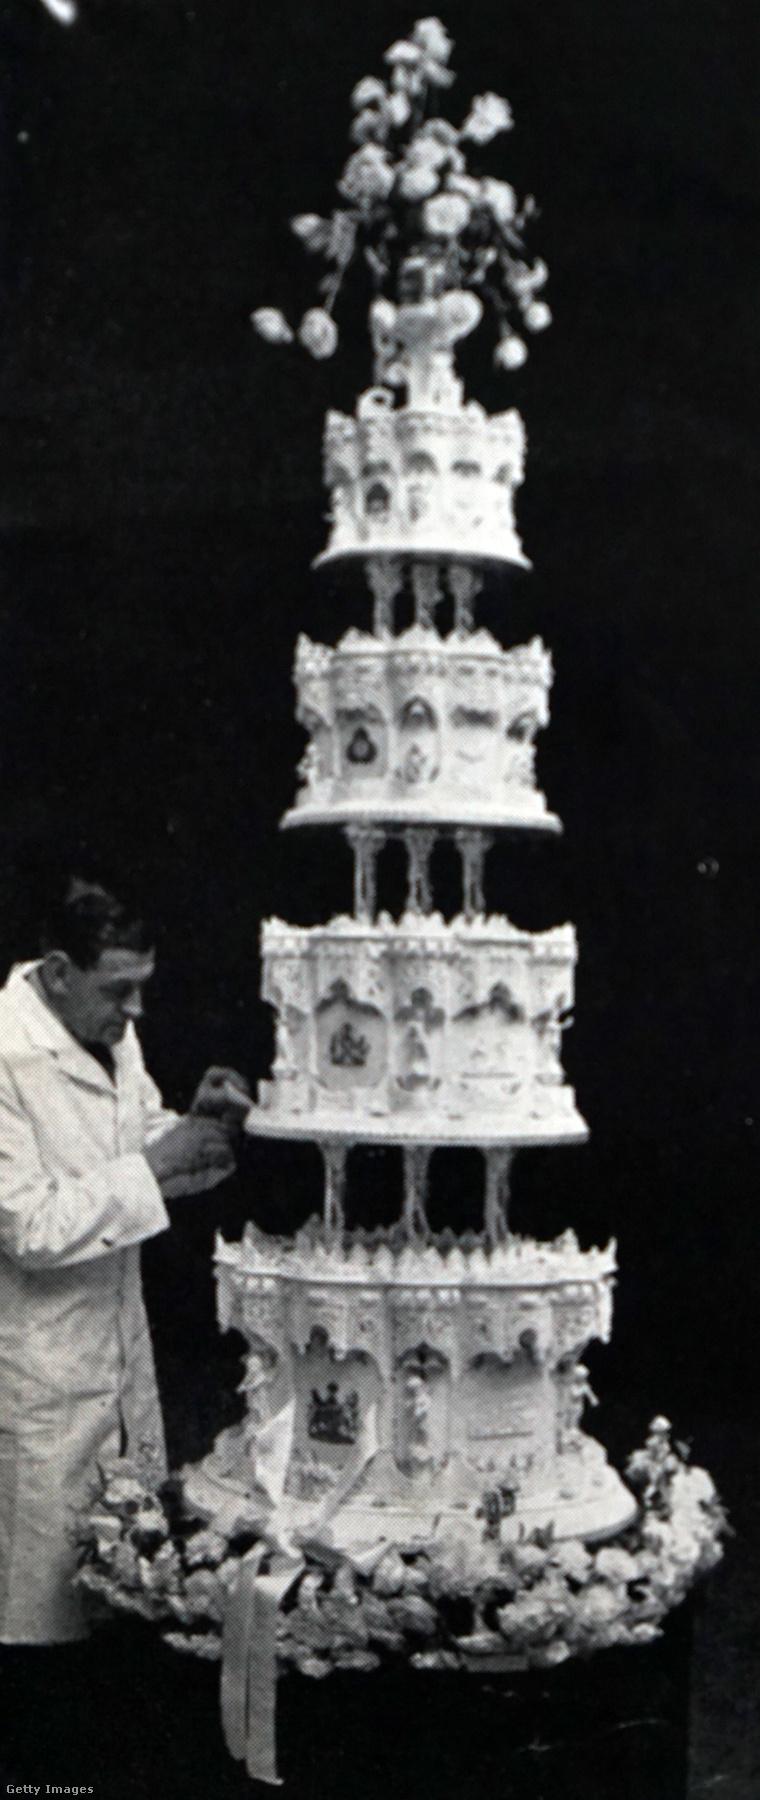 Így nézett ki a rojális lakodalmi torta 1947-ben.